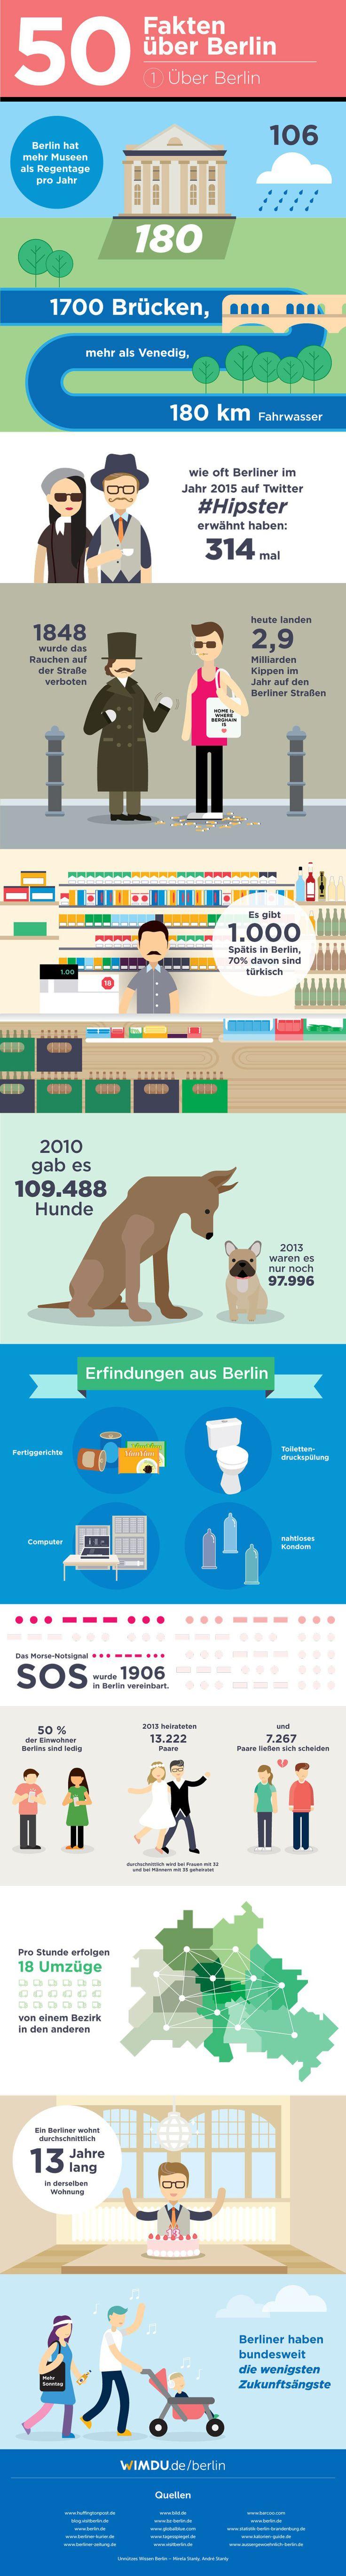 infografik-berlin-facts-klonblog2